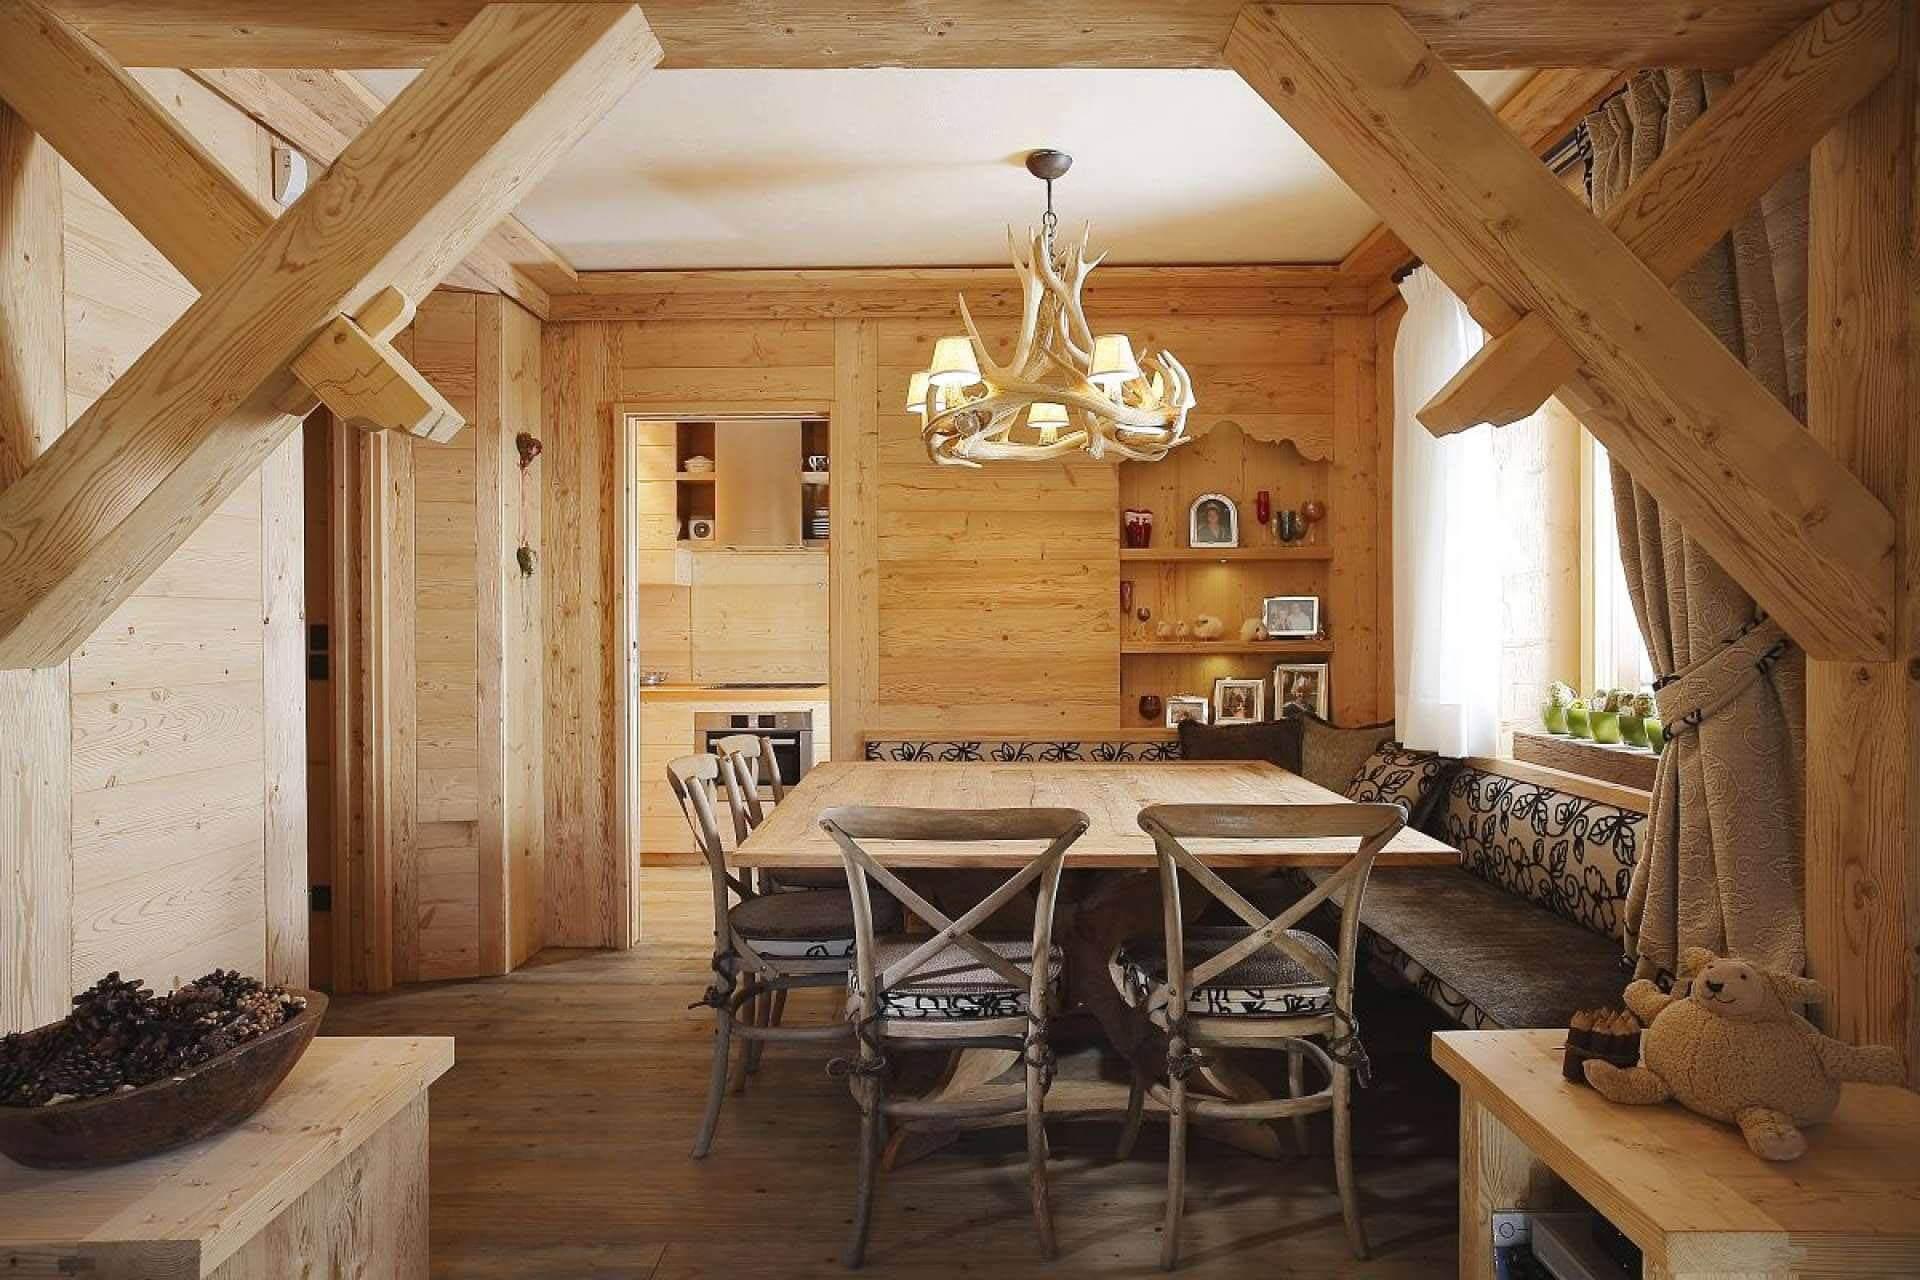 Приклад інтер'єру дерев'яного будинку в рустикальному стилі